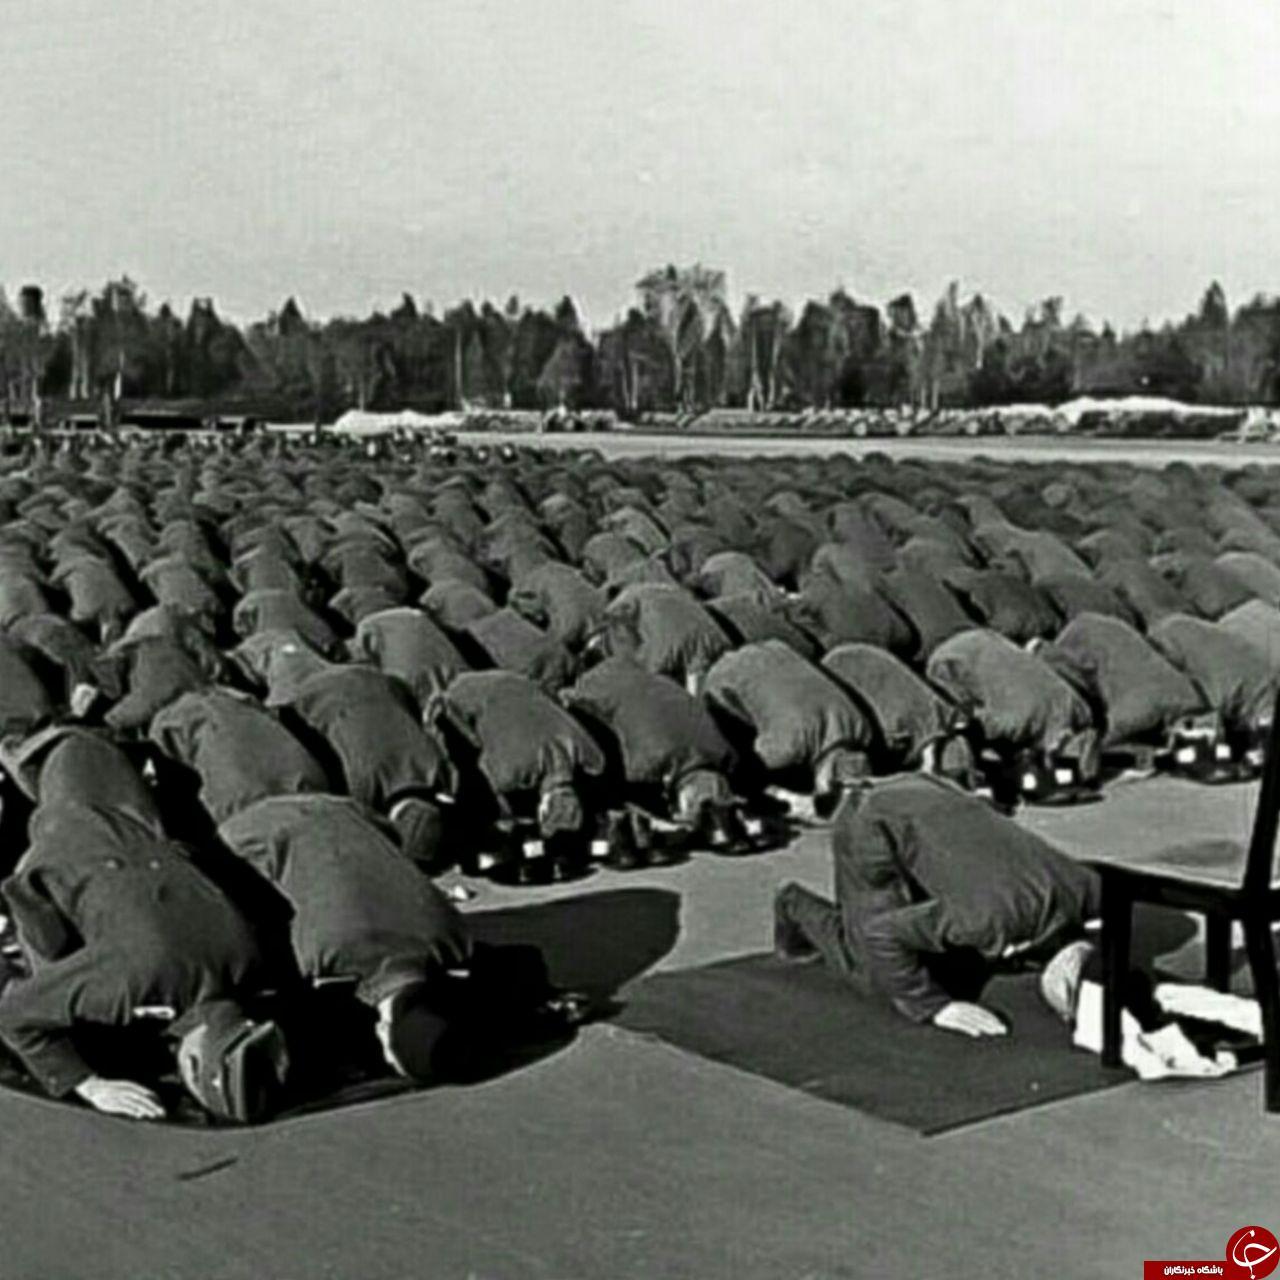 نماز جماعت ارتش هیتلر